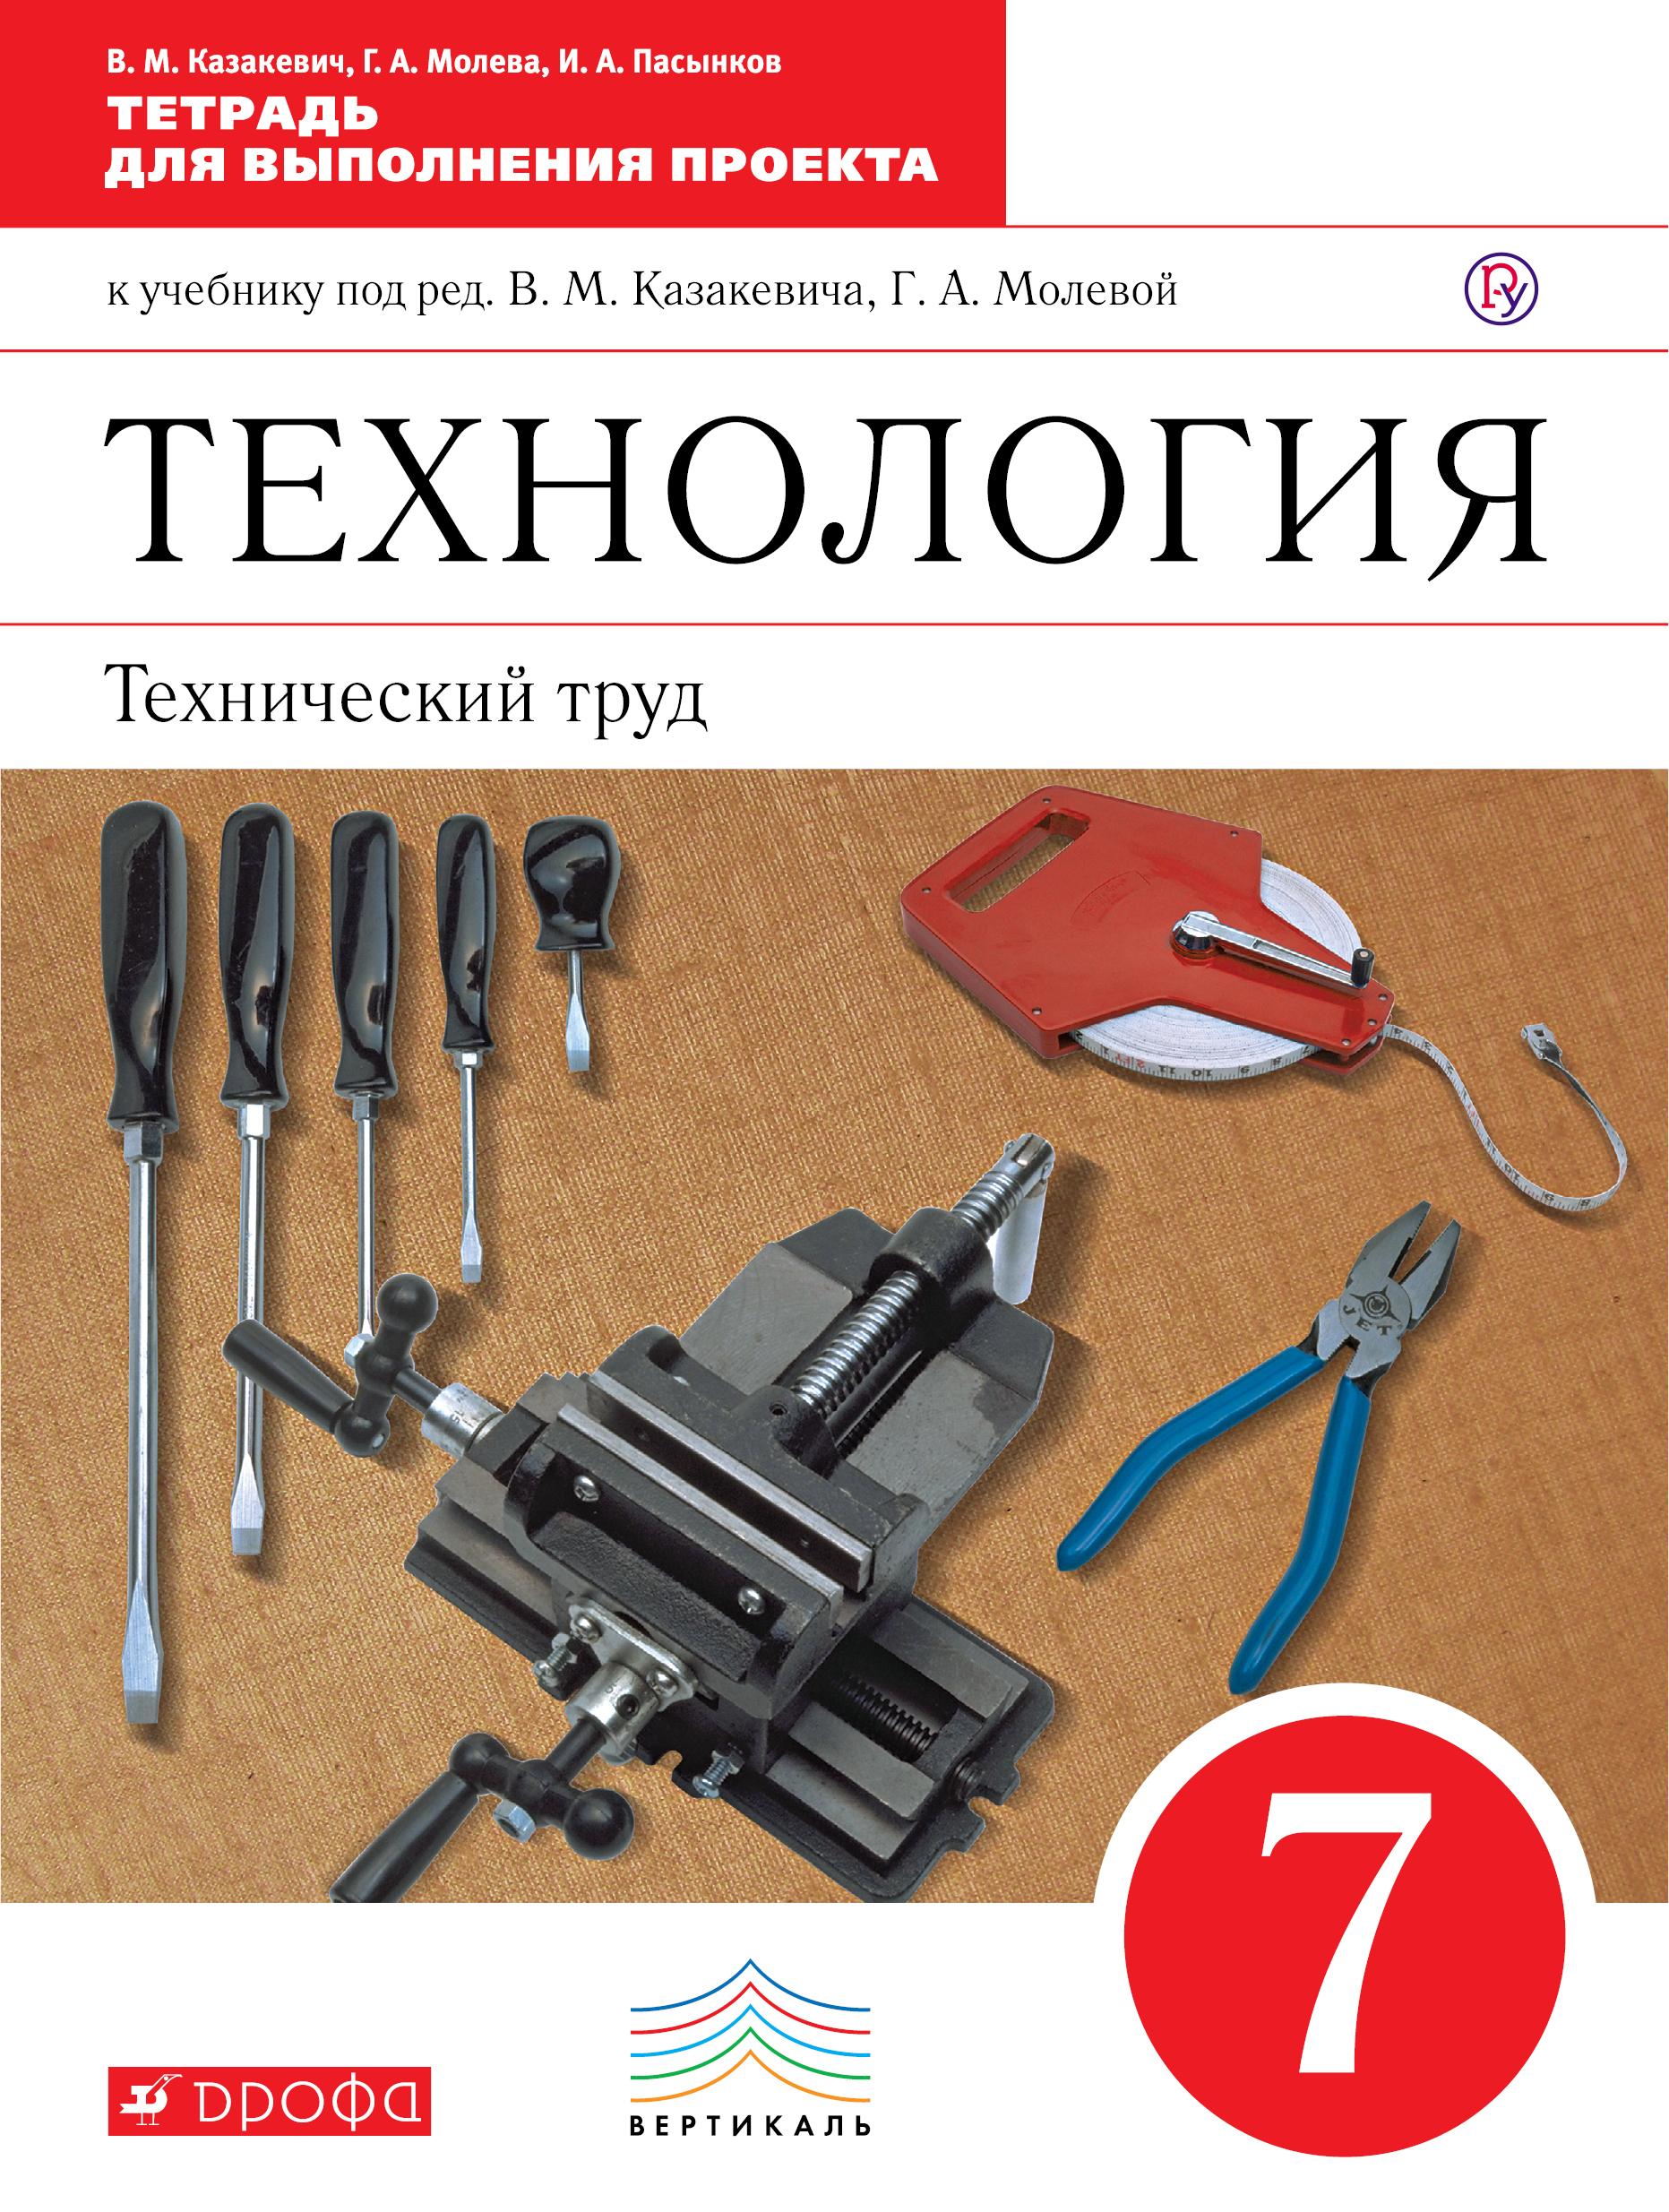 Технология. Технический труд. 7 кл . Тетрадь для выполнения проекта.ВЕРТИКАЛЬ